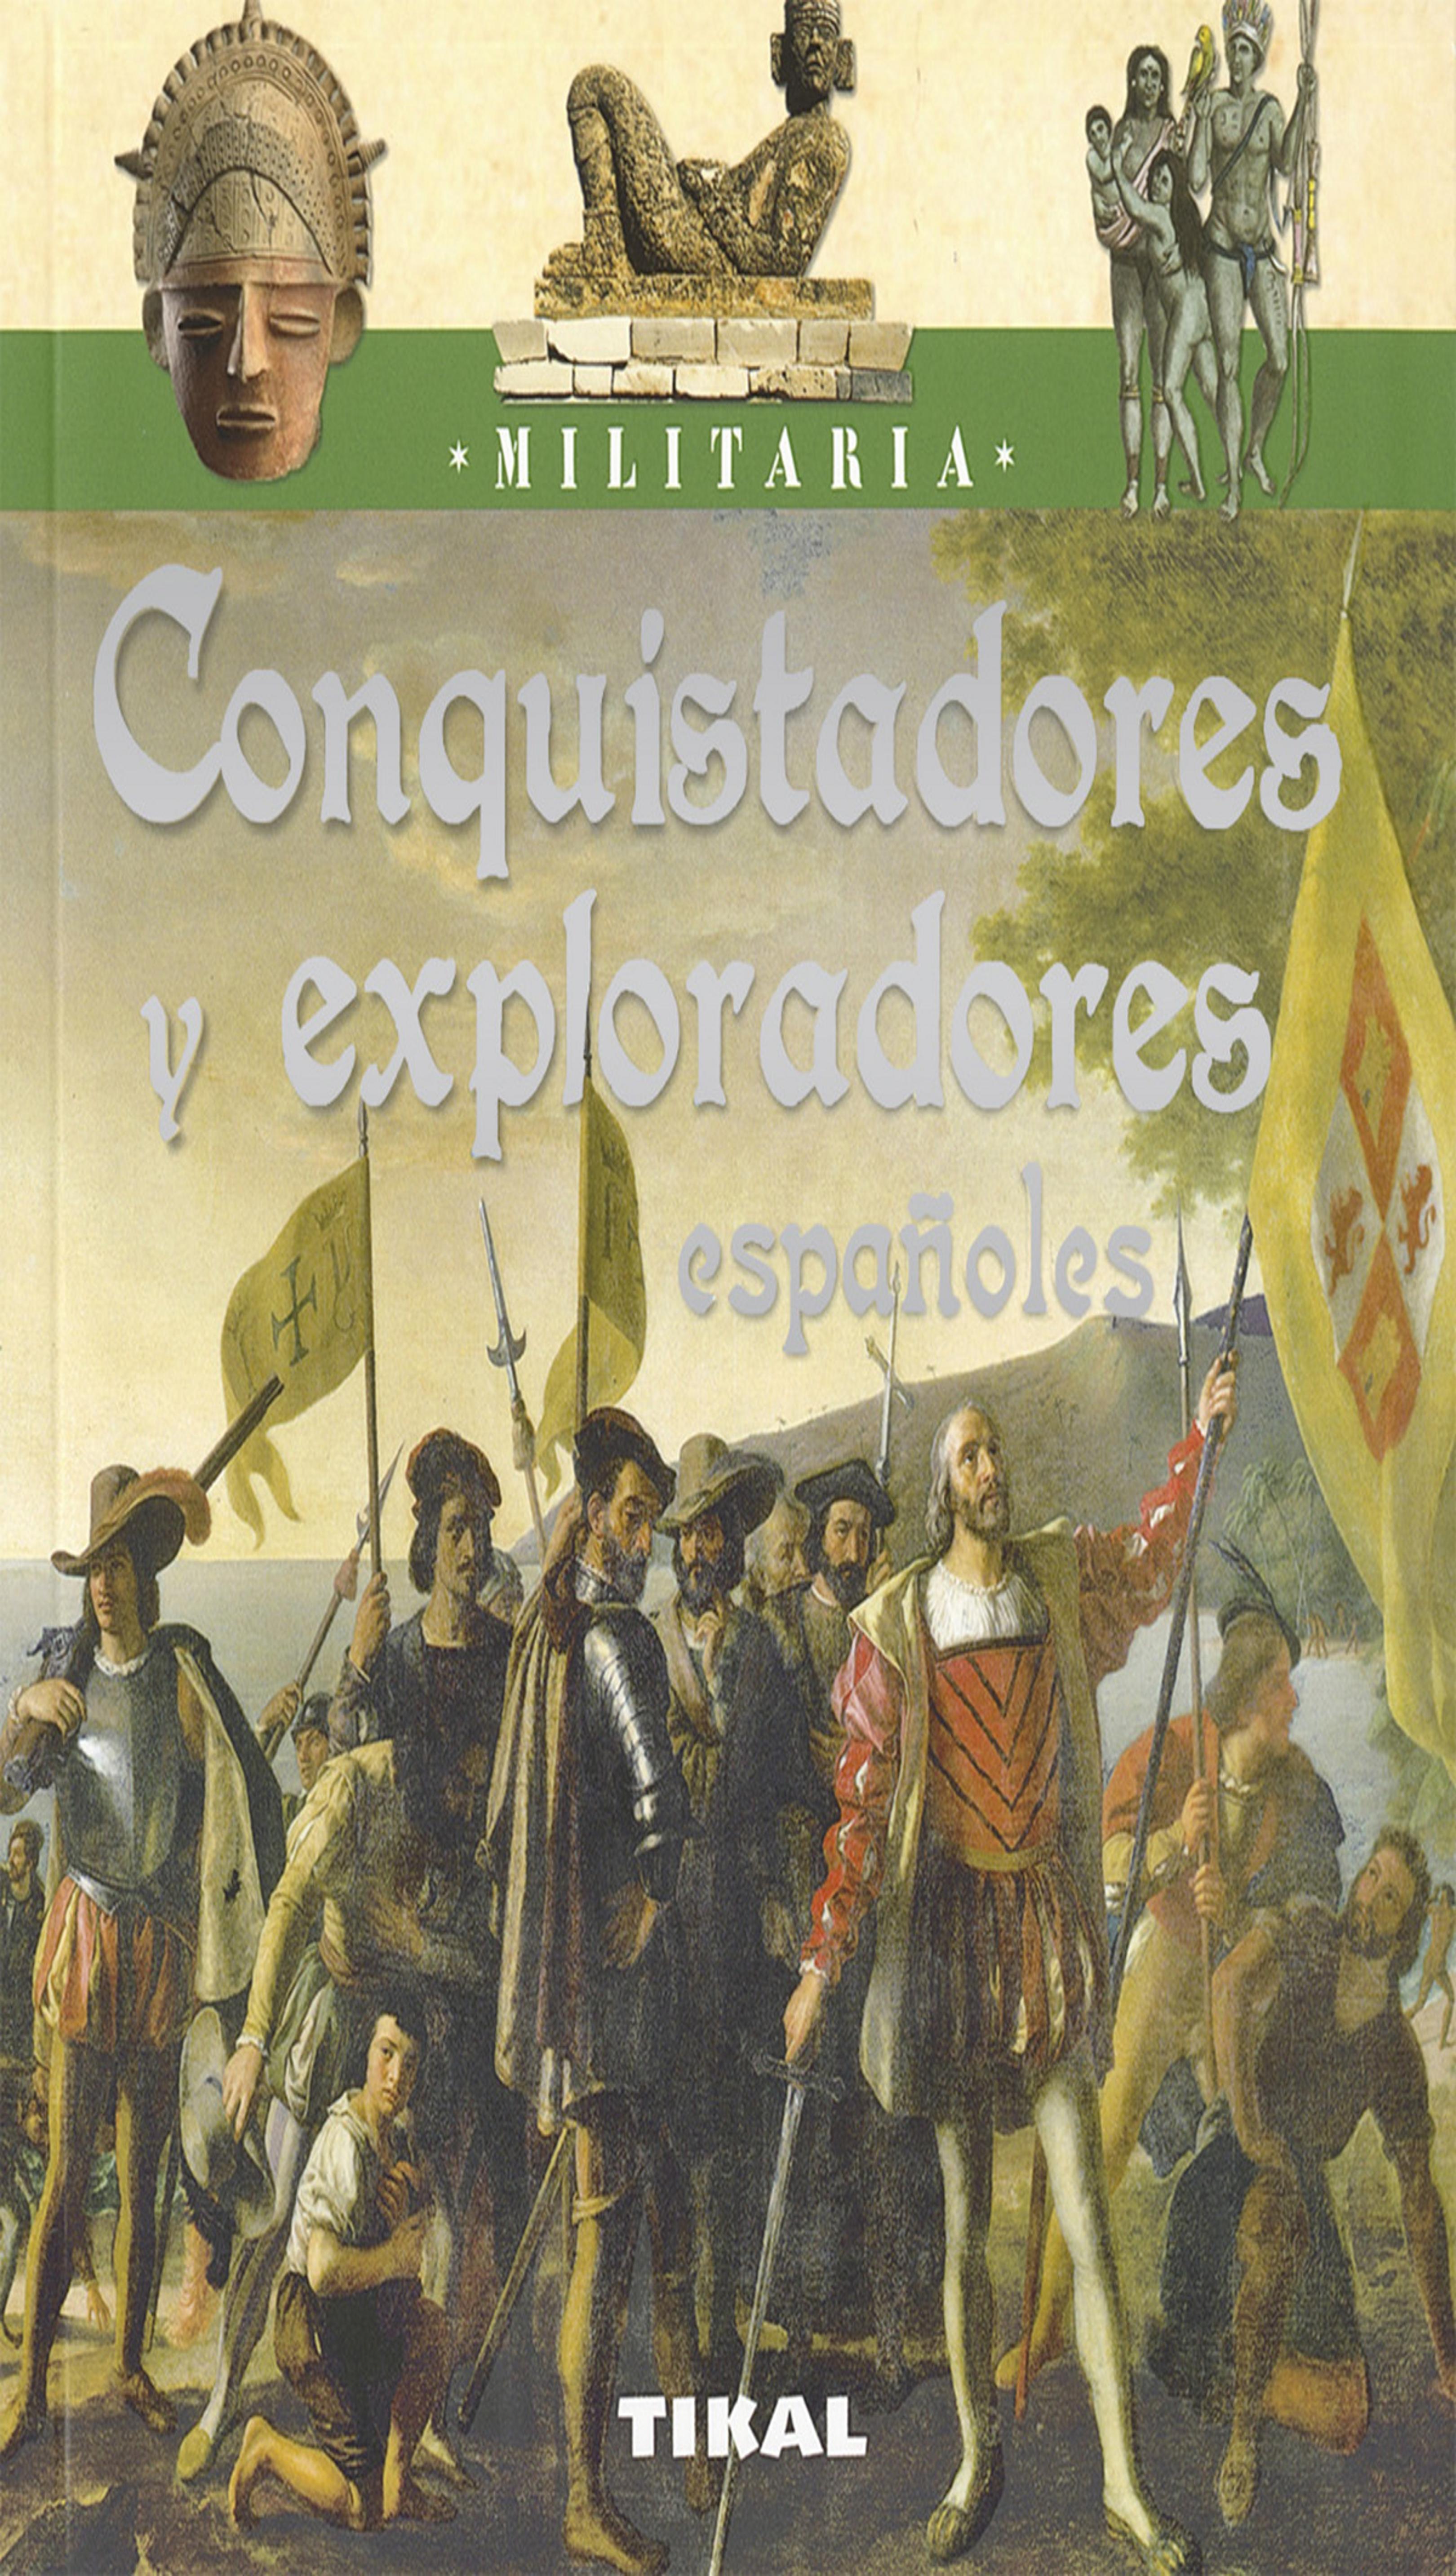 CONQUISTADORES Y EXPLORADORES